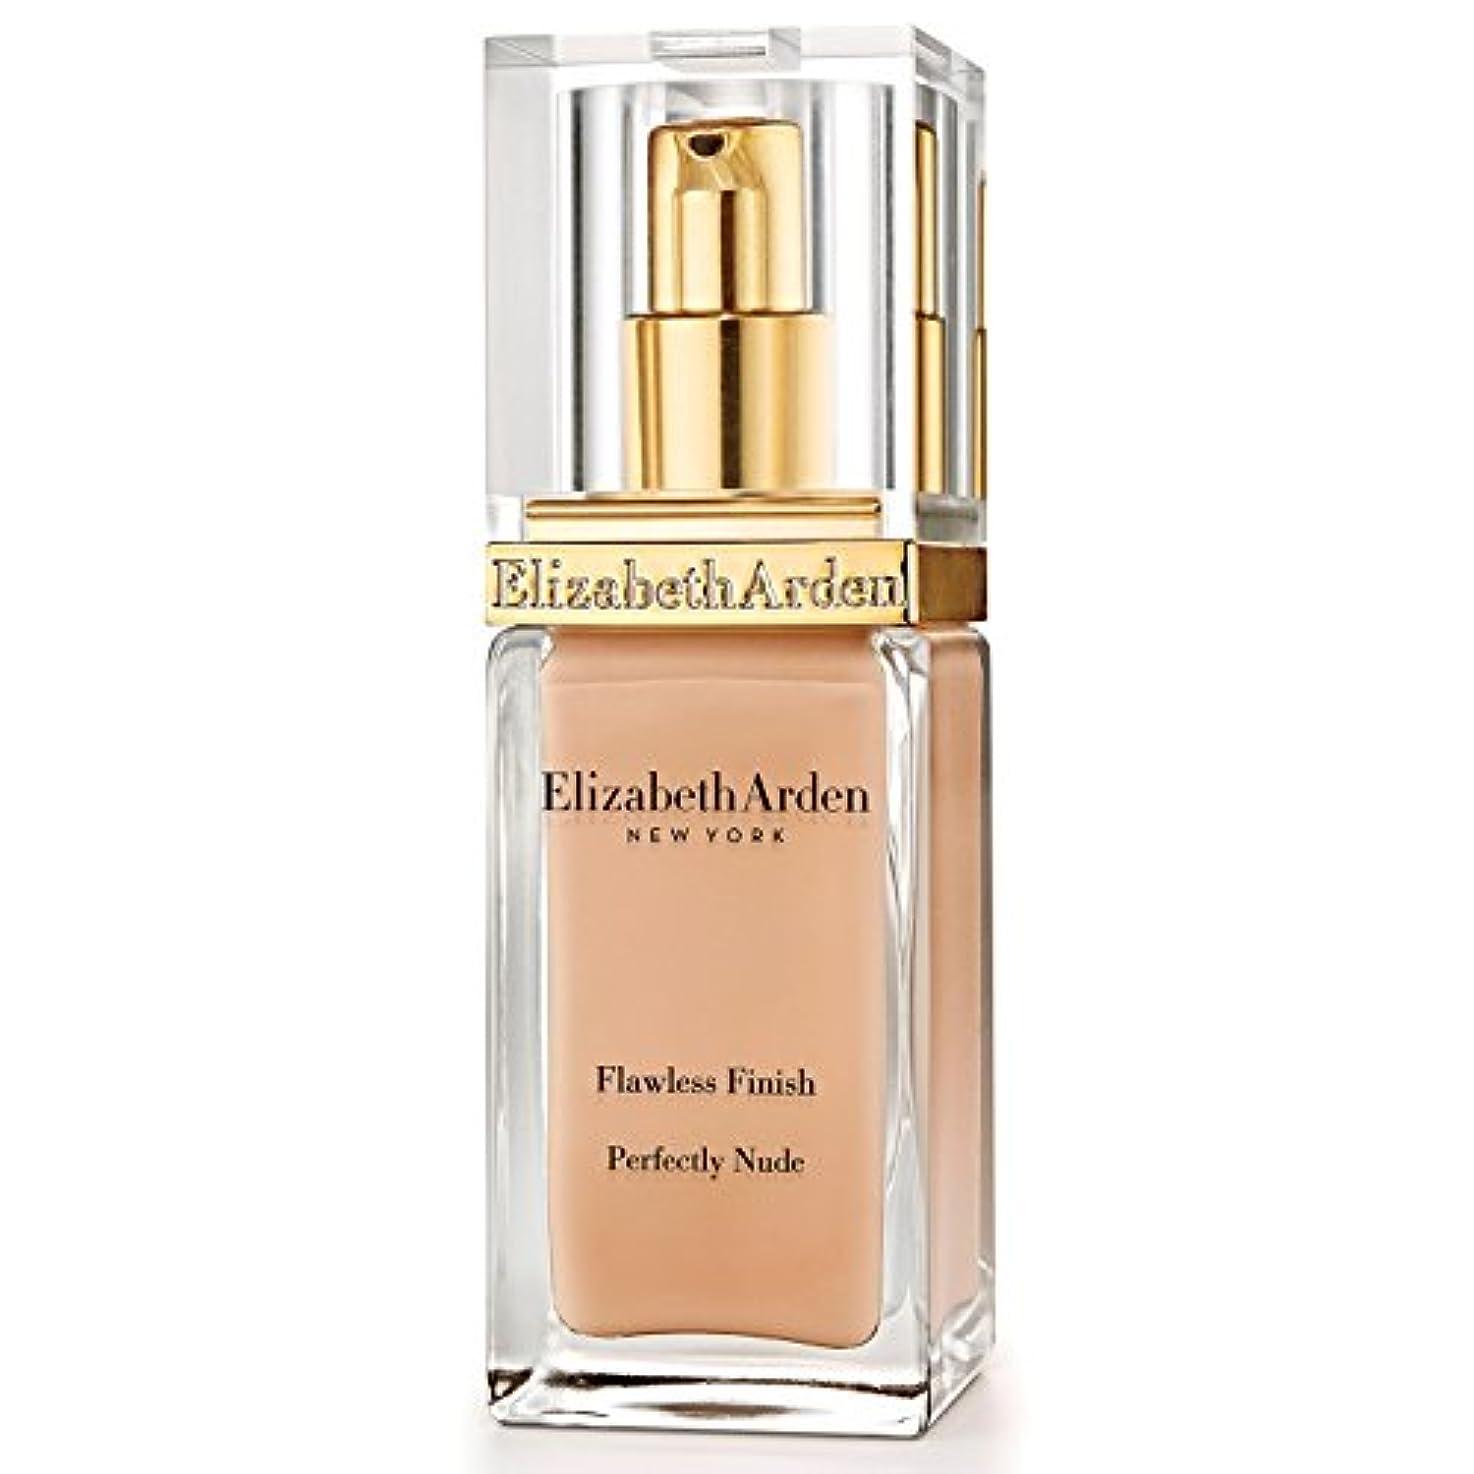 同等の温度計脈拍エリザベスアーデン完璧な仕上がり完璧ヌードファンデーション 15ビスク x4 - Elizabeth Arden Flawless Finish Perfectly Nude Foundation SPF 15 Bisque...